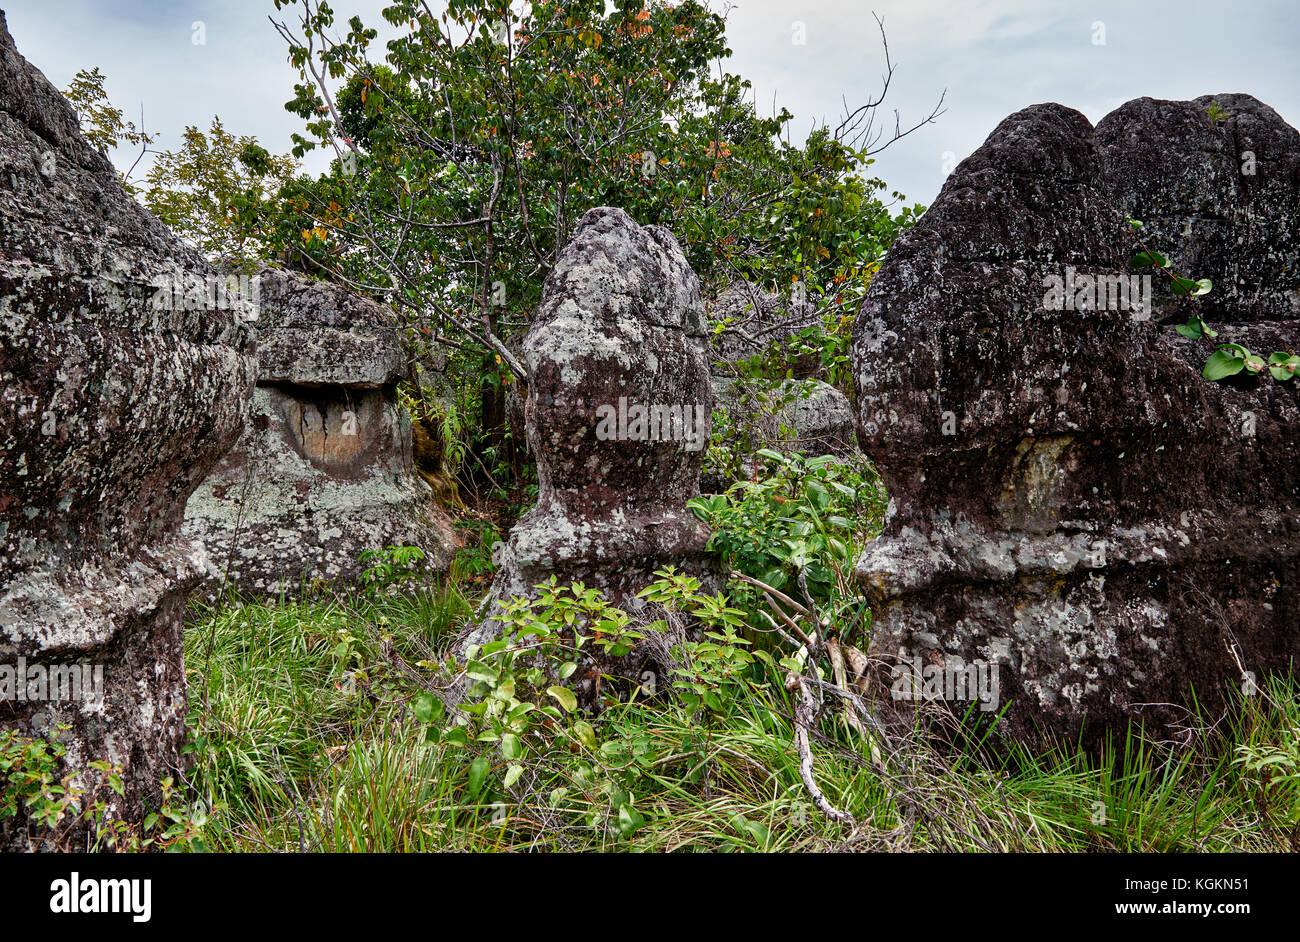 Ciudad de Piedra in National Park of  Serrania de la Macarena, La Macarena, Colombia, South America - Stock Image